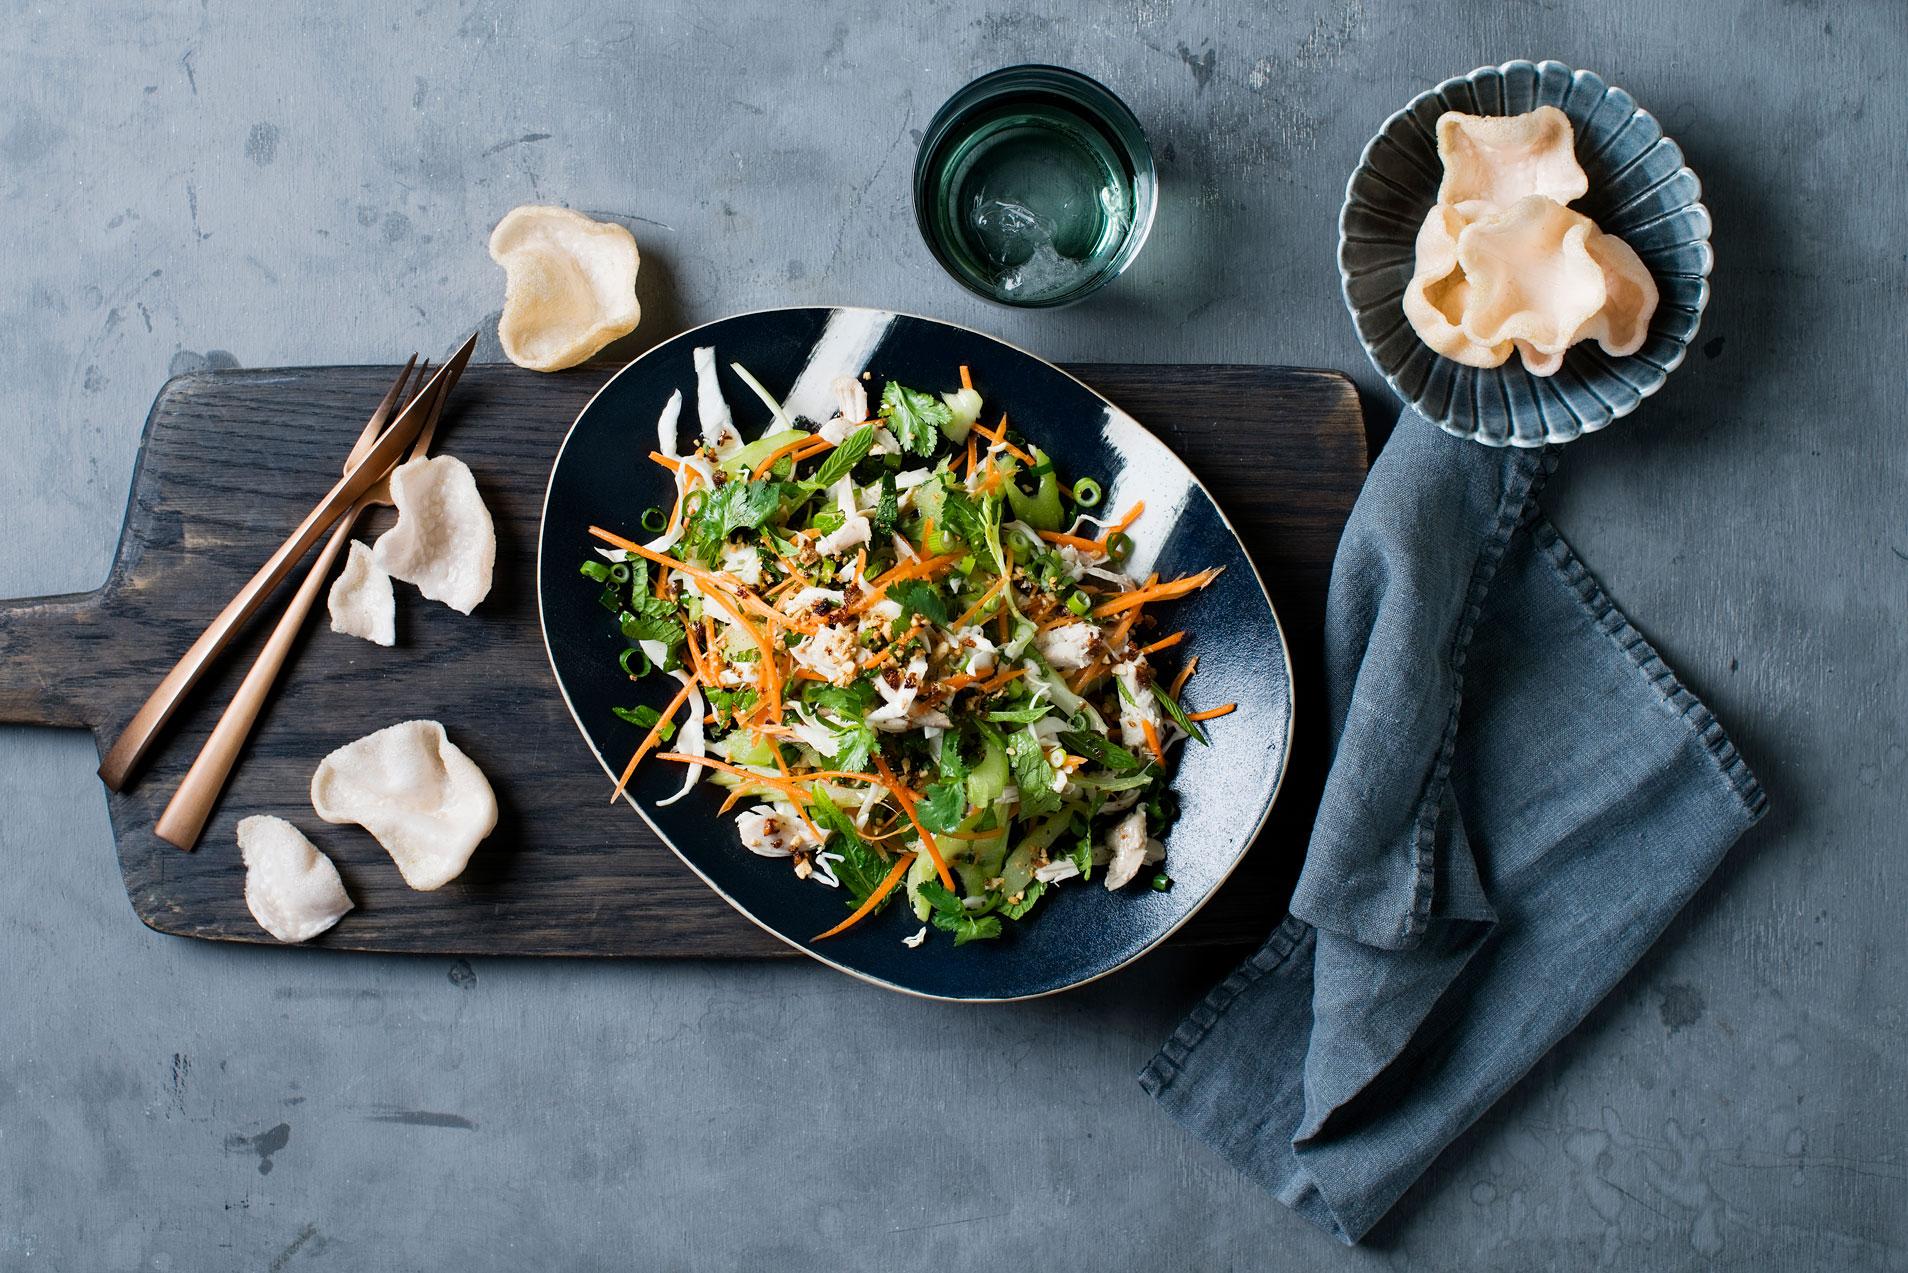 Vietnamese chicken salad $9.50 (Entr é e)